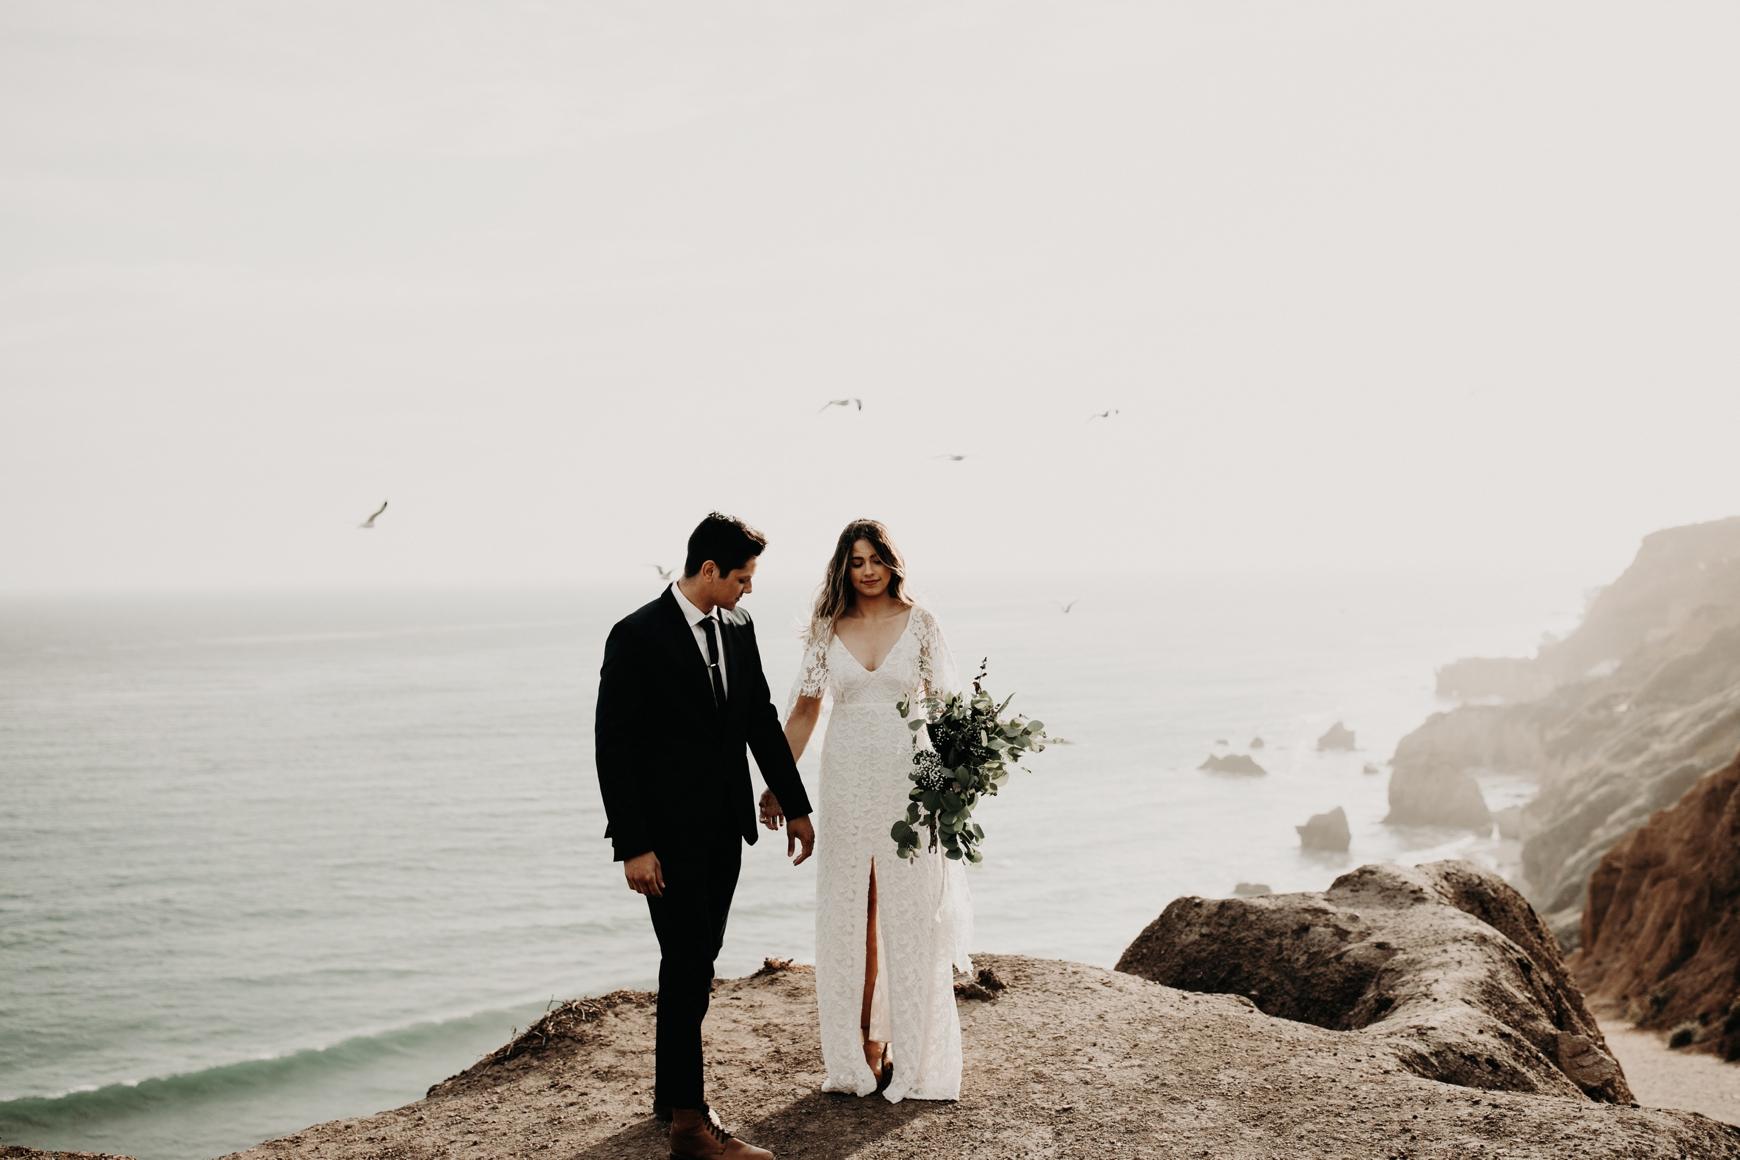 El Matador Beach Bridal Portraits Justellen & TJ Emily Magers Photography-109Emily Magers Photography.jpg